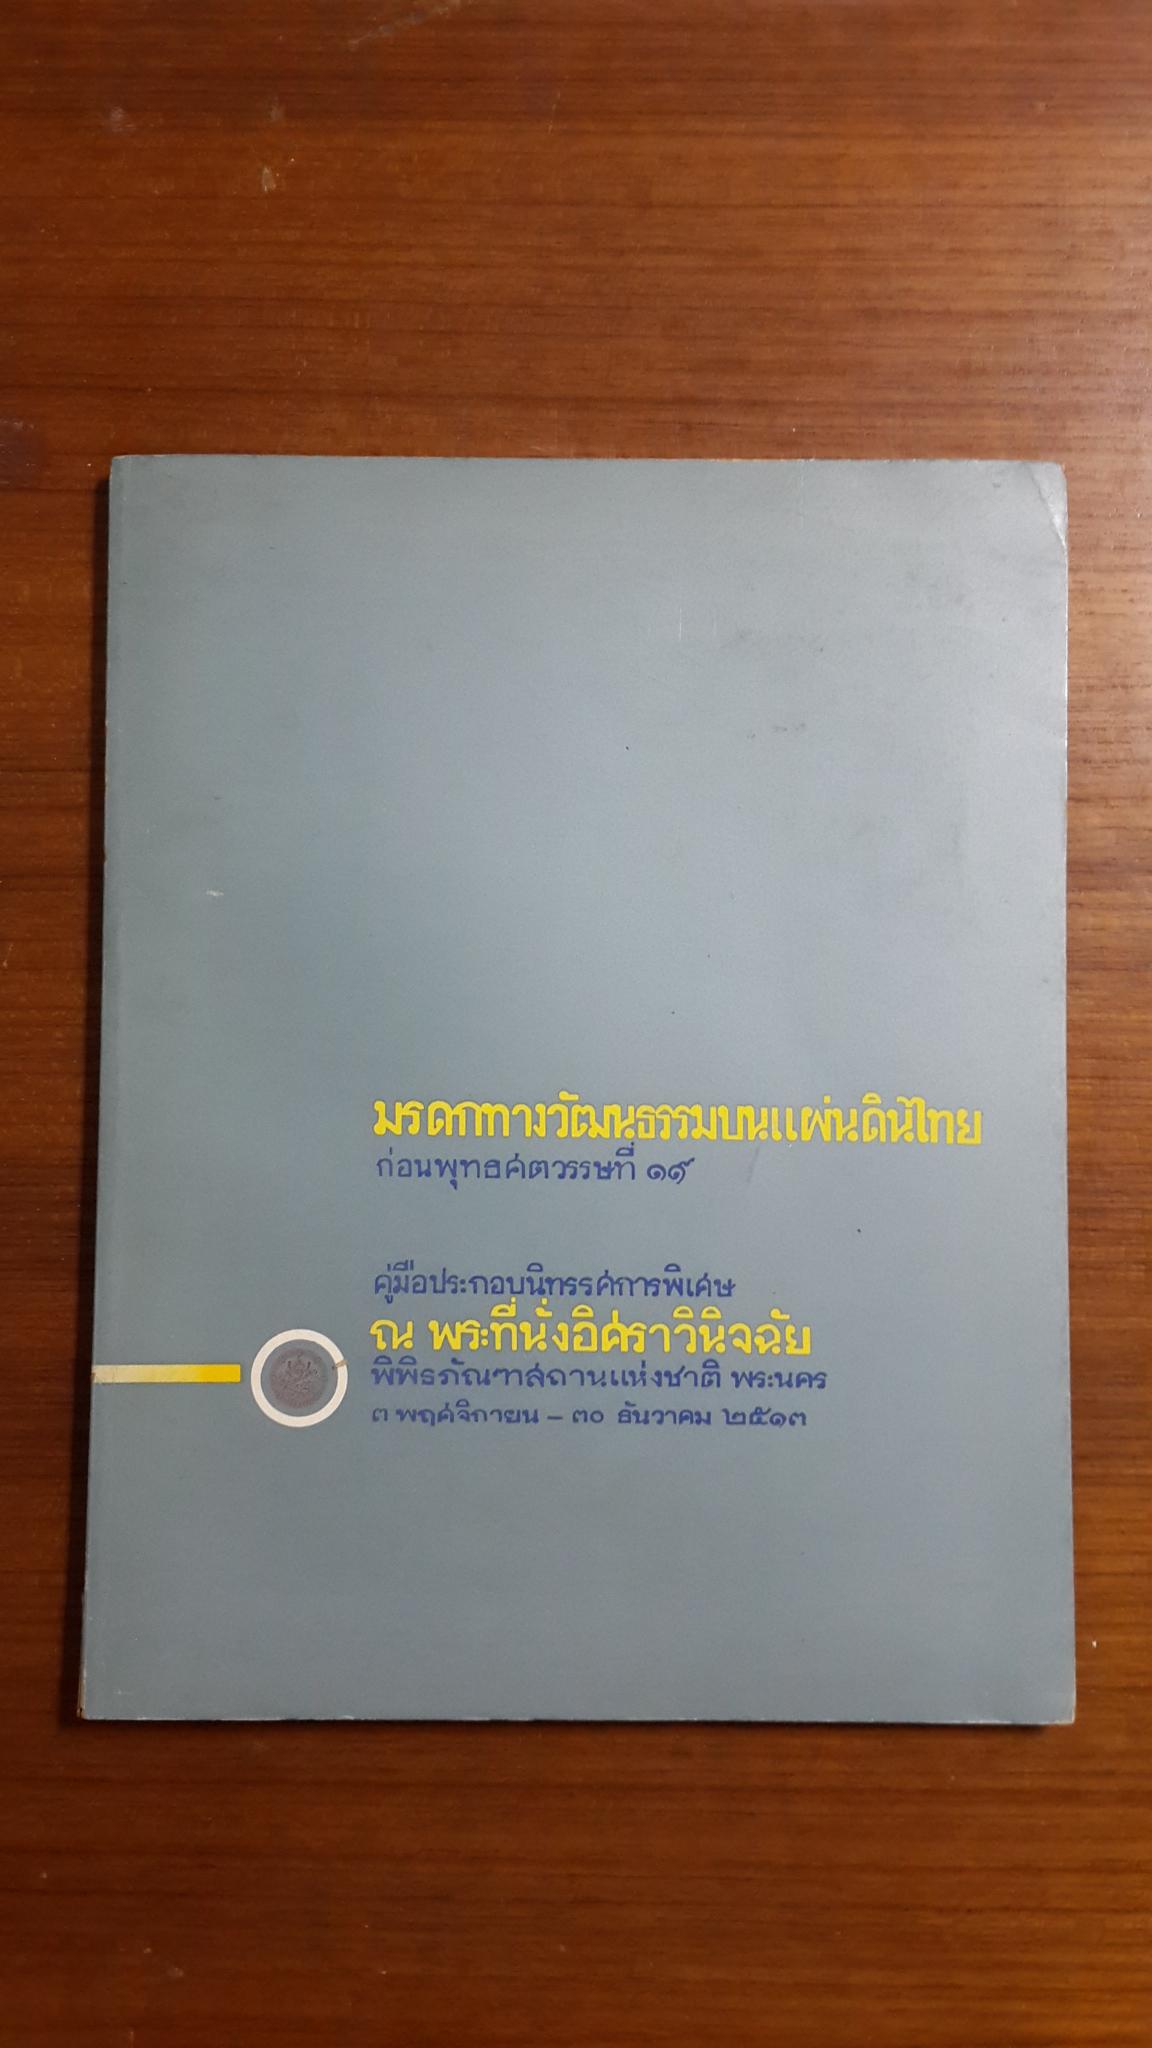 มรดกทางวัฒนธรรมบนแผ่นดินไทย ก่อนพุทธศตวรรษที่ ๑๙ : คู๋มือประกอบนิทรรศการพิเศษ ณ พระที่นั่งอิศราวินิจฉัย